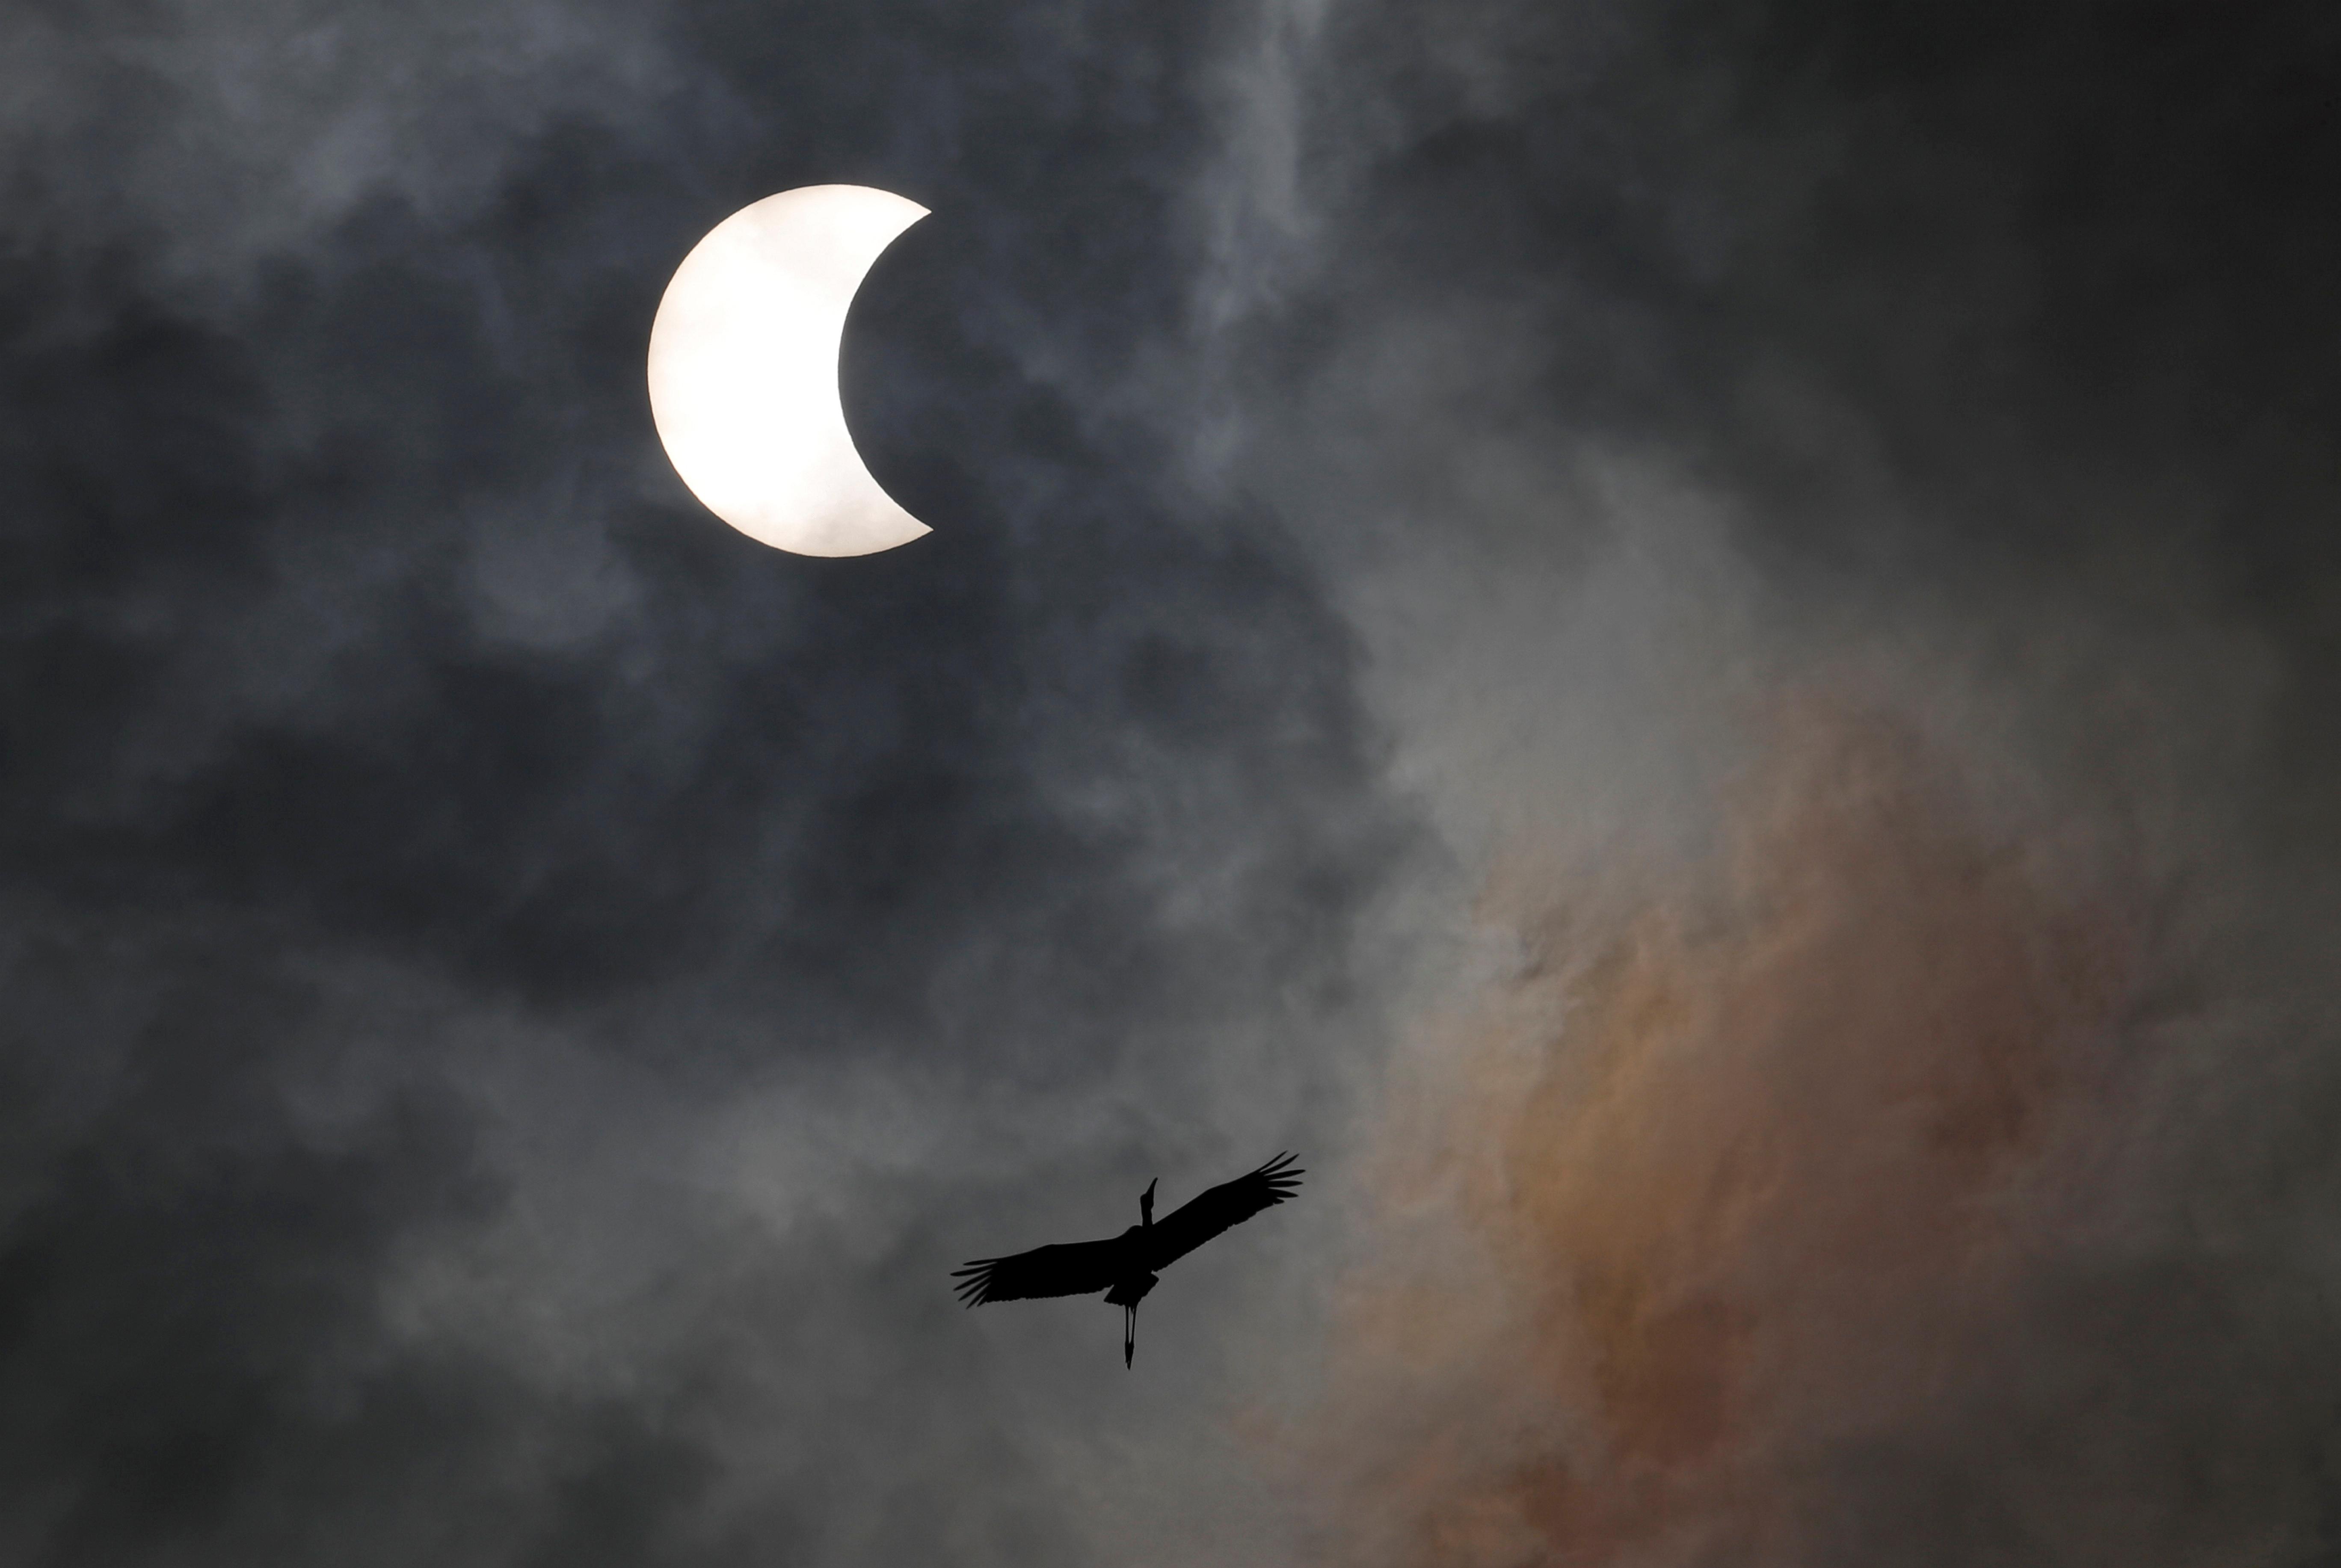 """Η τρίτη και τελευταία έκλειψη ηλίου του 2019 - Εντυπωσιακές εικόνες από το """"δαχτυλίδι της φωτιάς"""""""